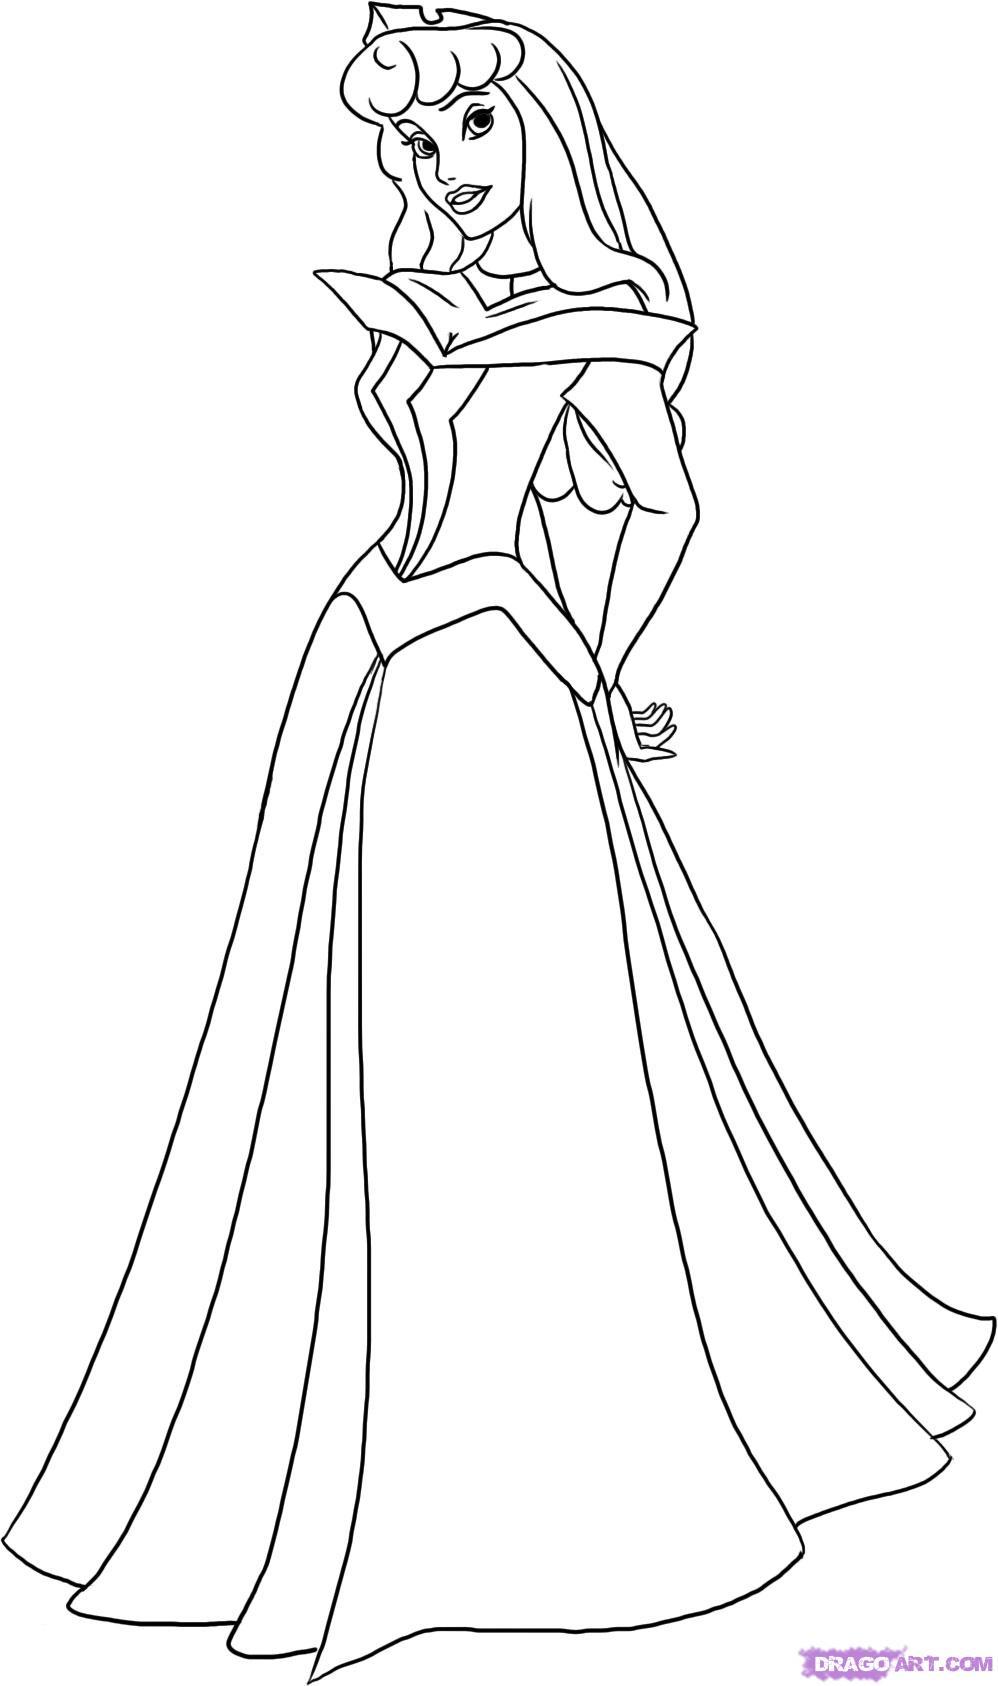 998x1686 Disney Princess Cartoon Drawings Princess Cartoon Drawing How